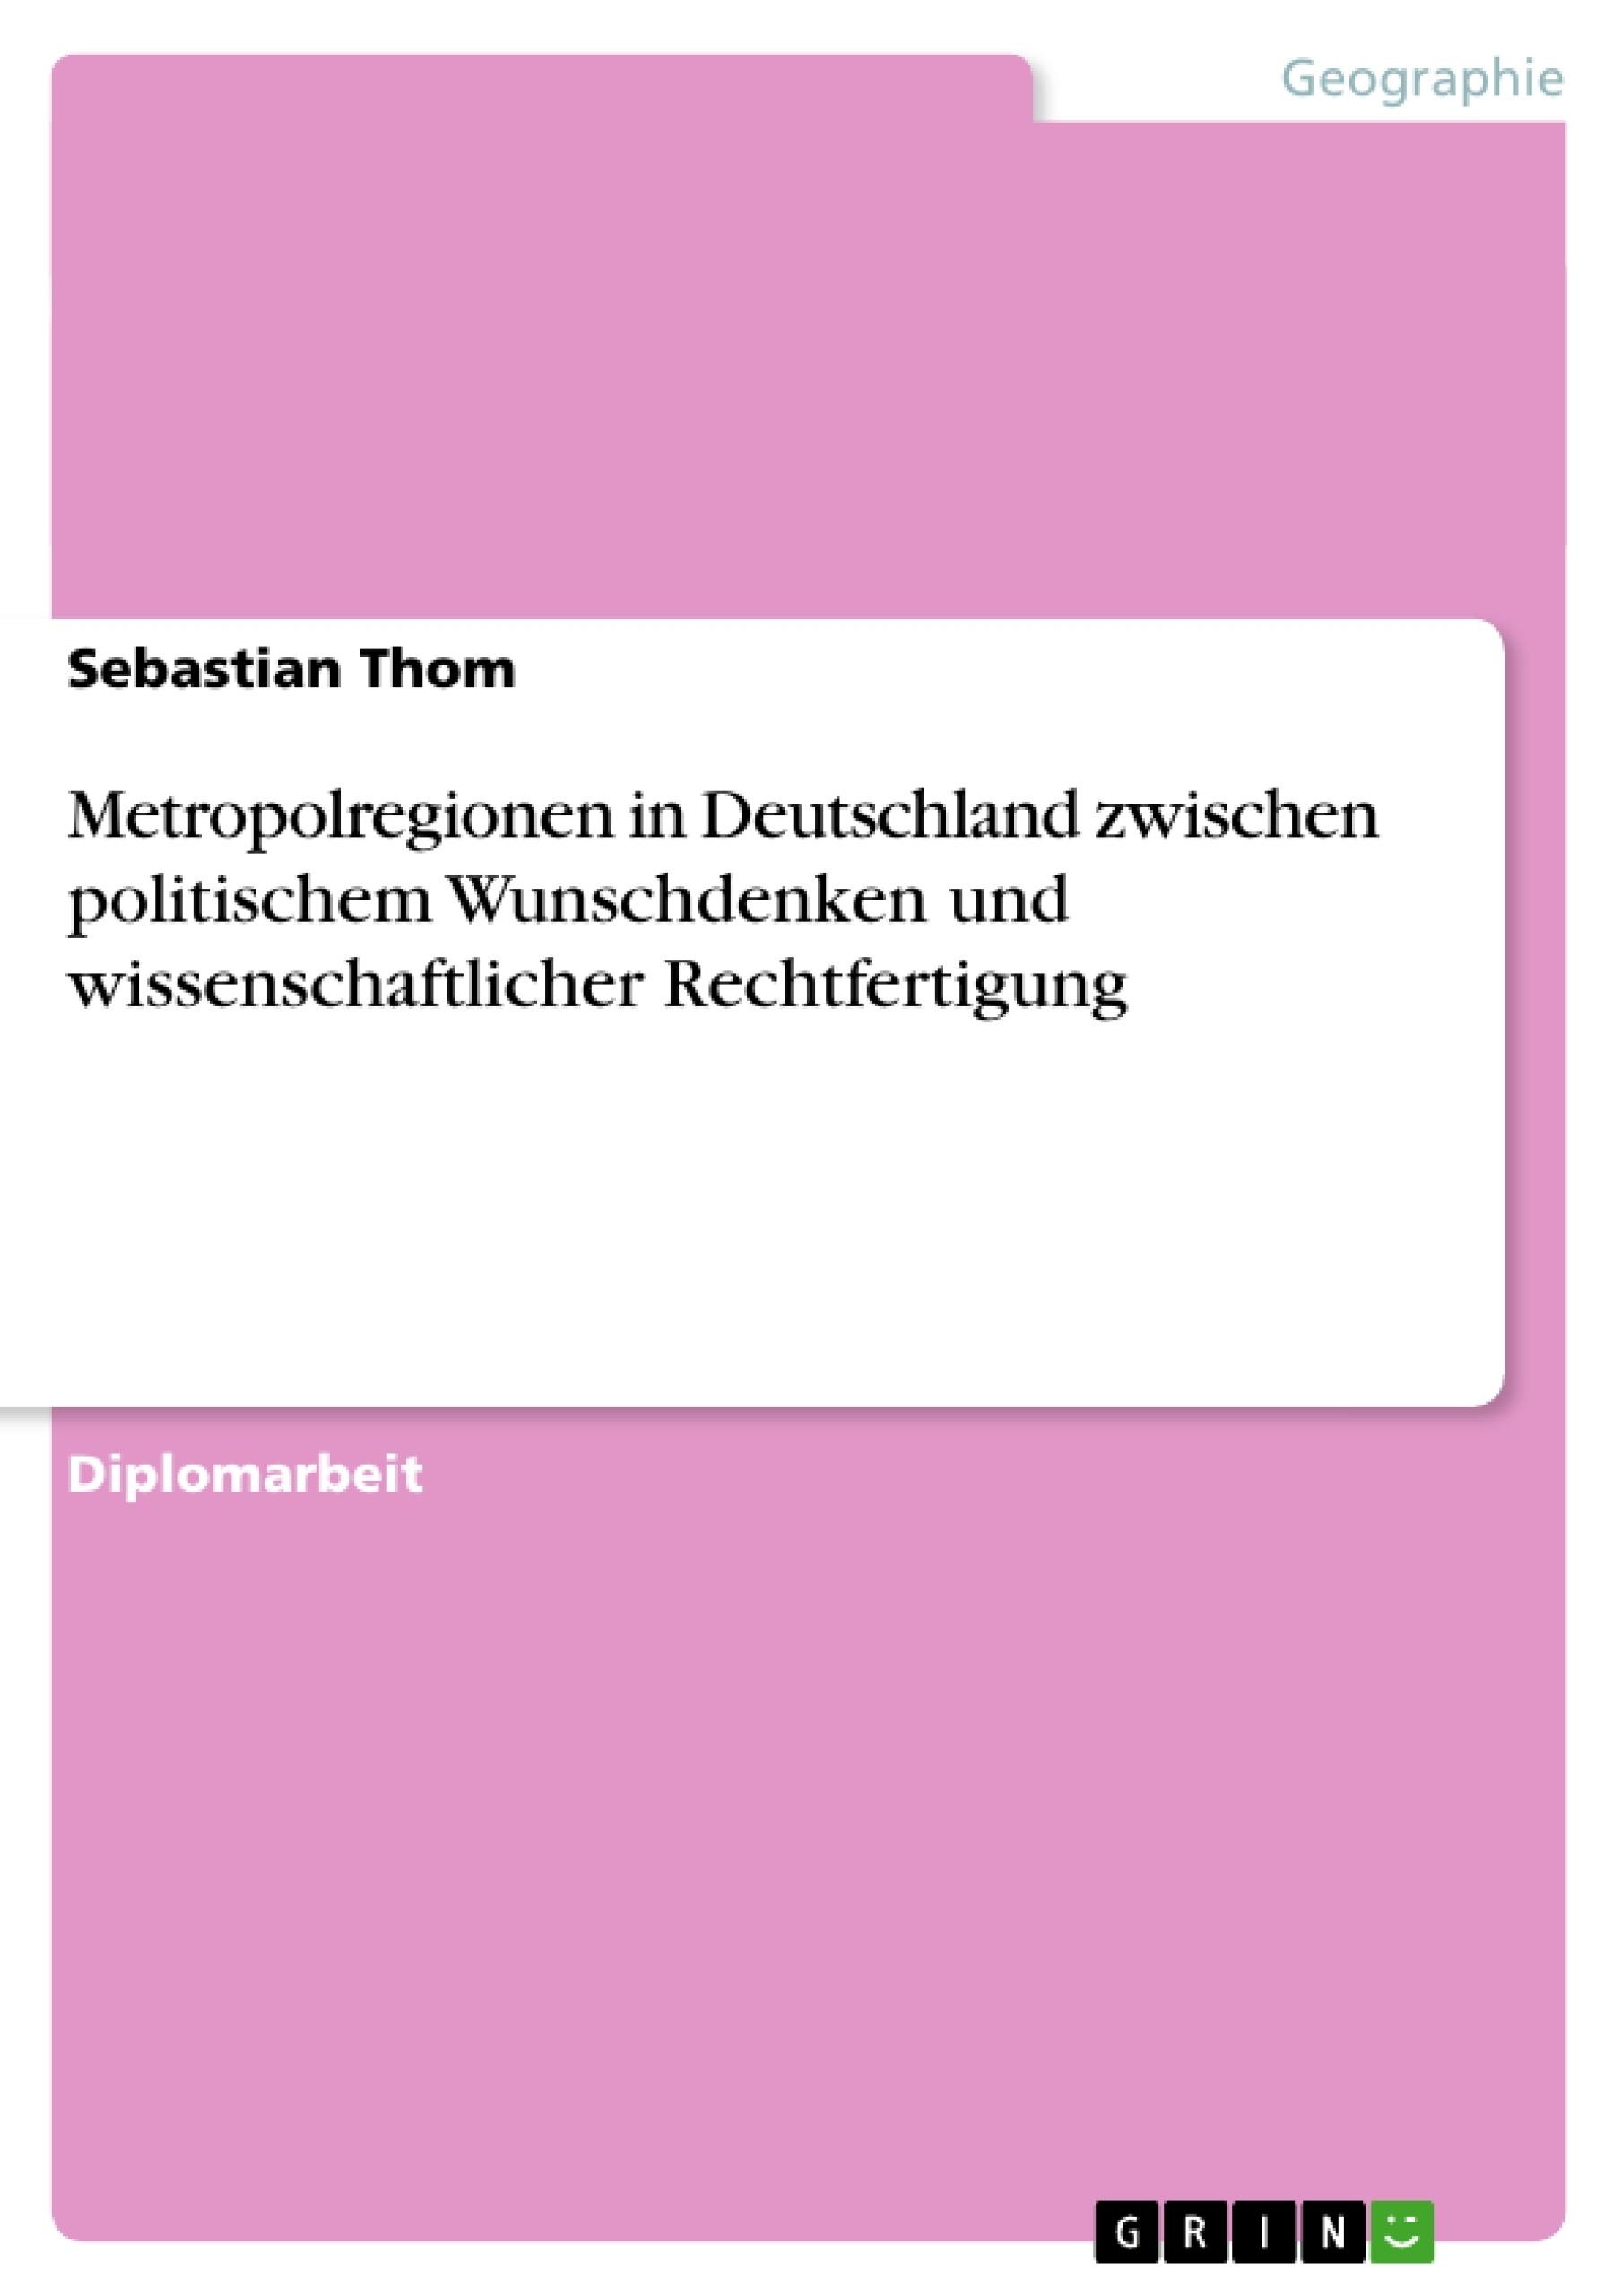 Titel: Metropolregionen in Deutschland zwischen politischem Wunschdenken und wissenschaftlicher Rechtfertigung